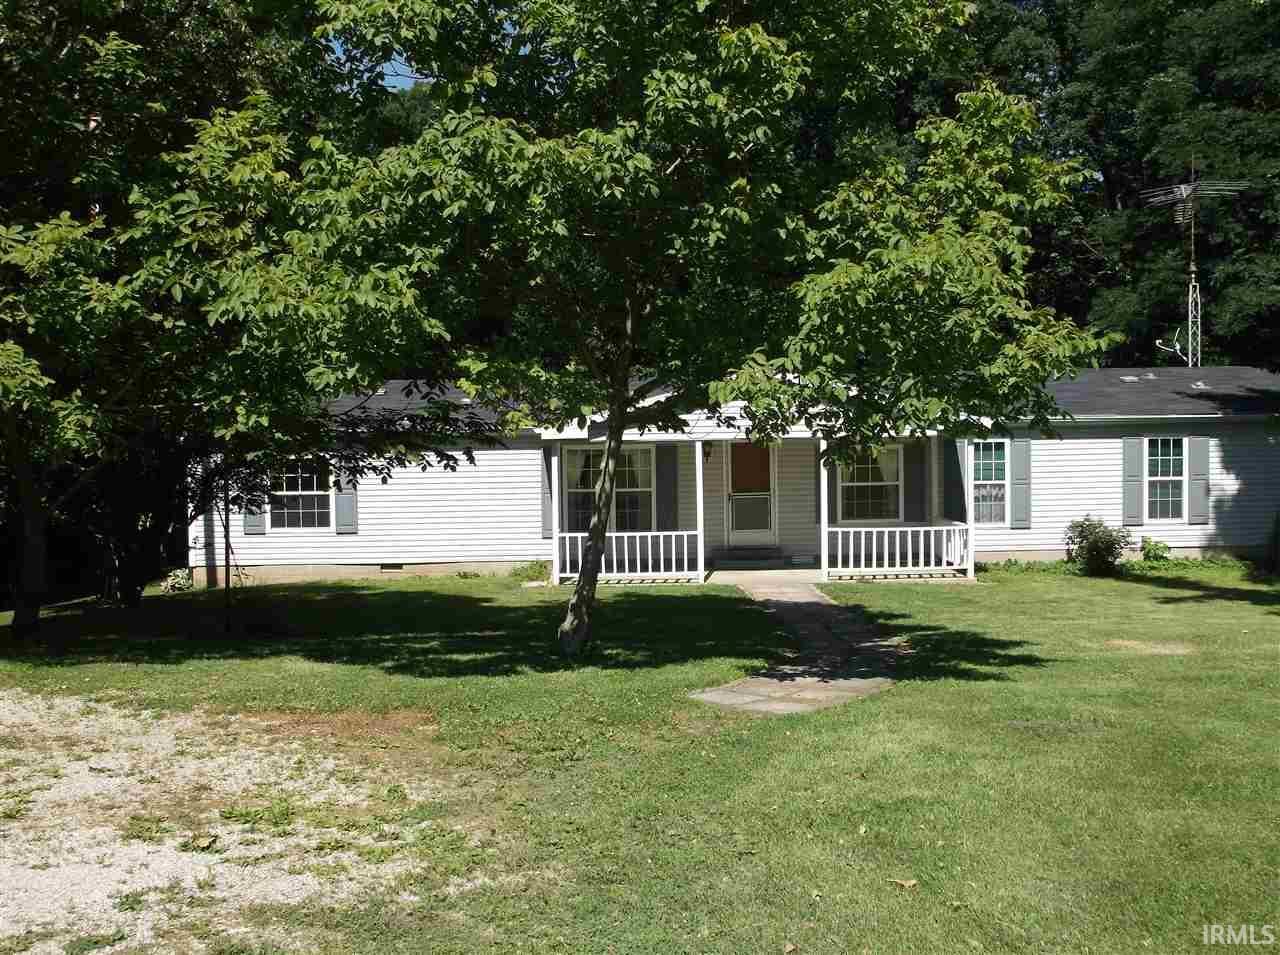 1039 Blue Barn Rd, Bloomfield, IN 47424